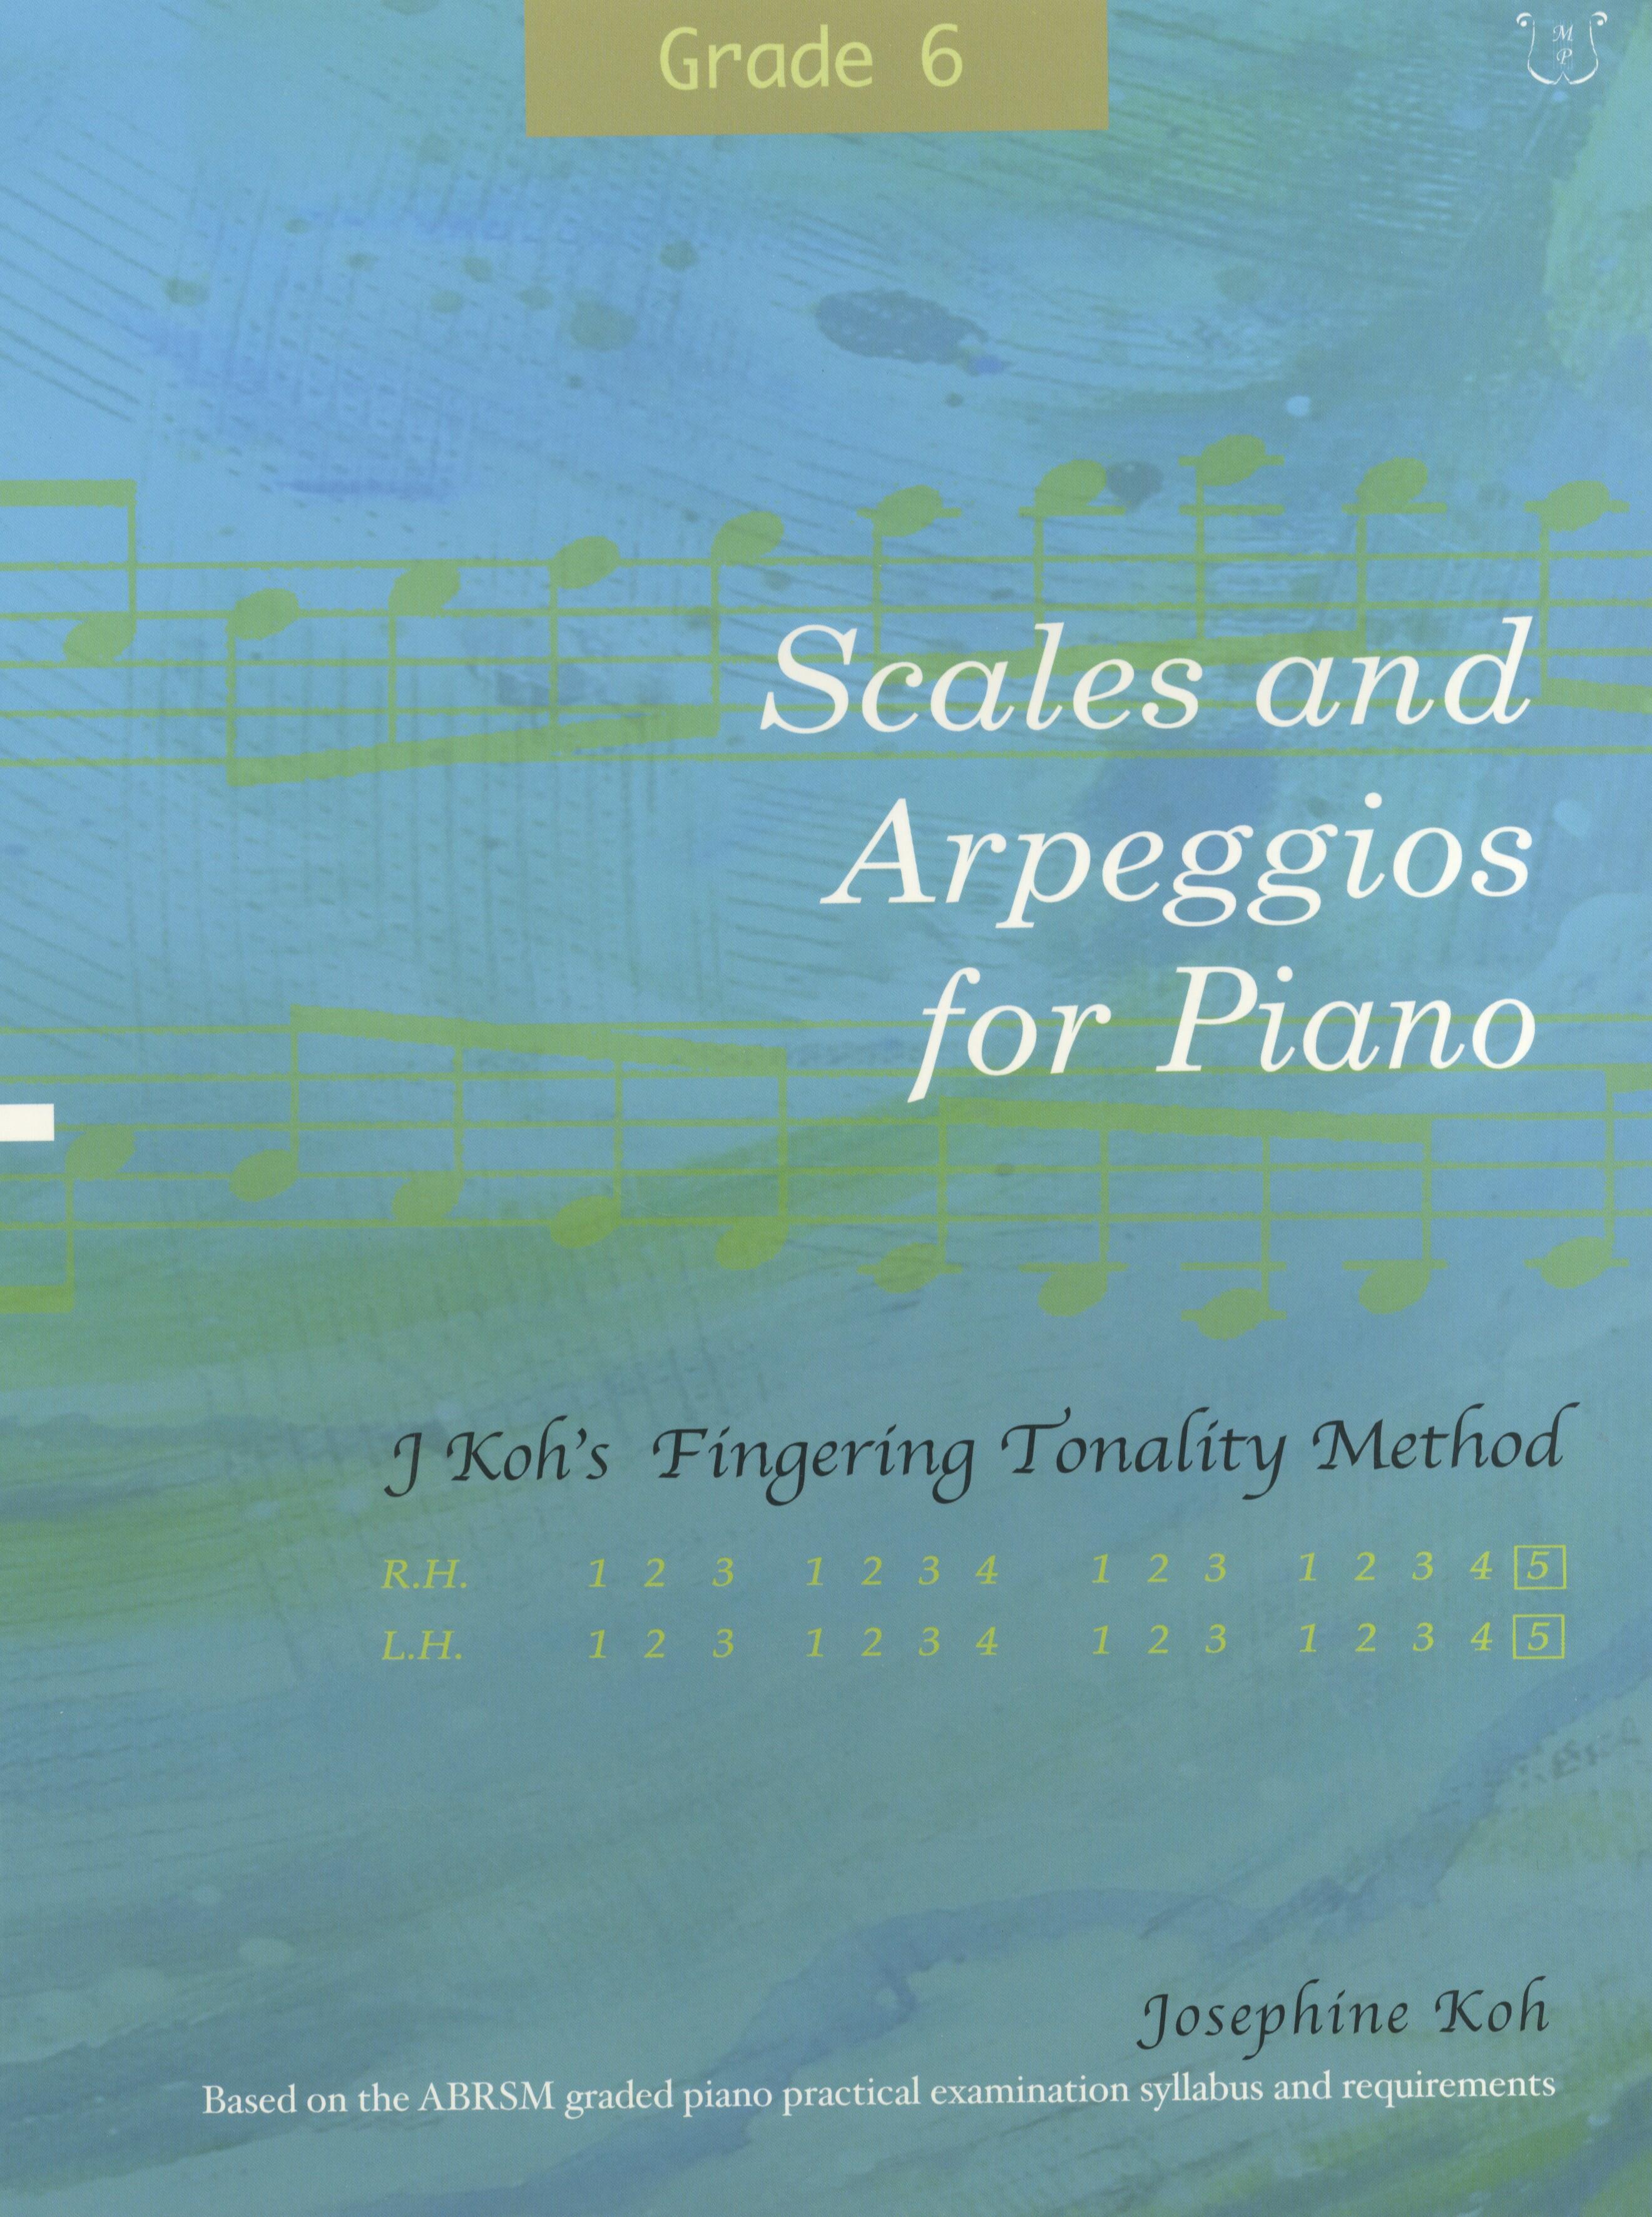 Josephine Koh: Scales and Arpeggios For Piano Grade 6: Piano: Instrumental Tutor